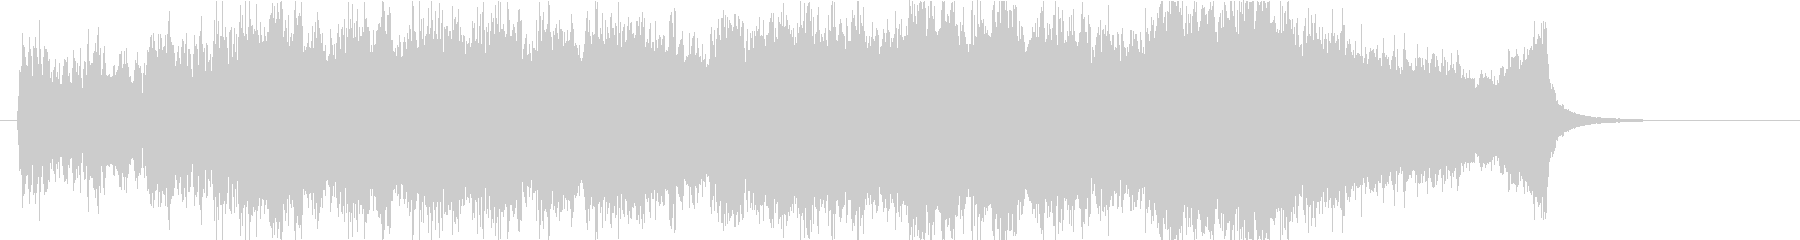 壮大、感動のオーケストラOPハーフbの未再生の波形